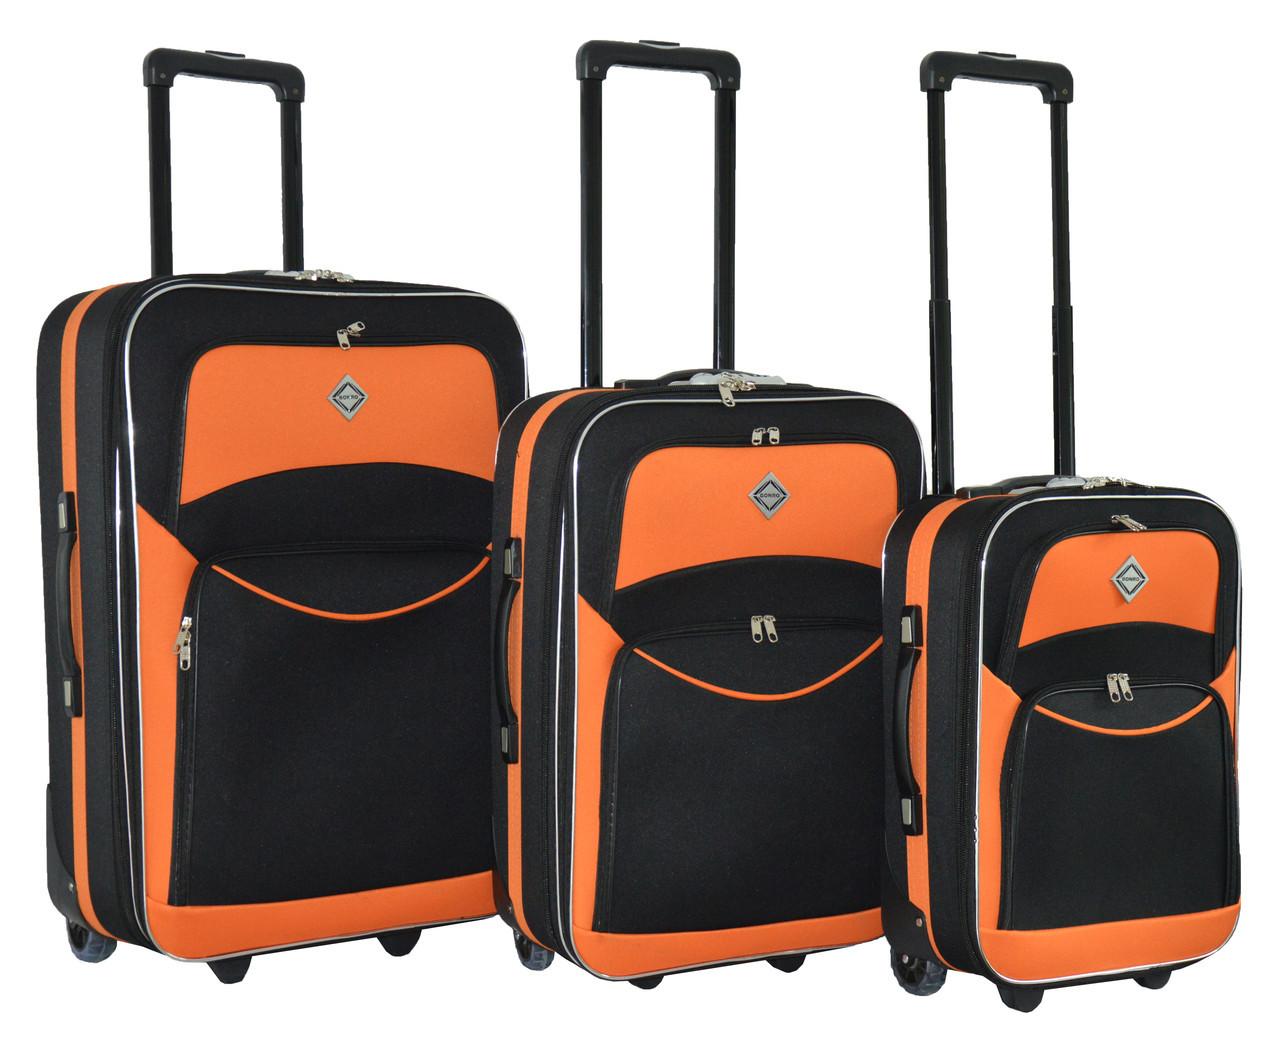 Чемодан Bonro Best набор 3 штуки черно-оранжевый - Интернет-магазин Dorami  в Львове 88fbbb70a30